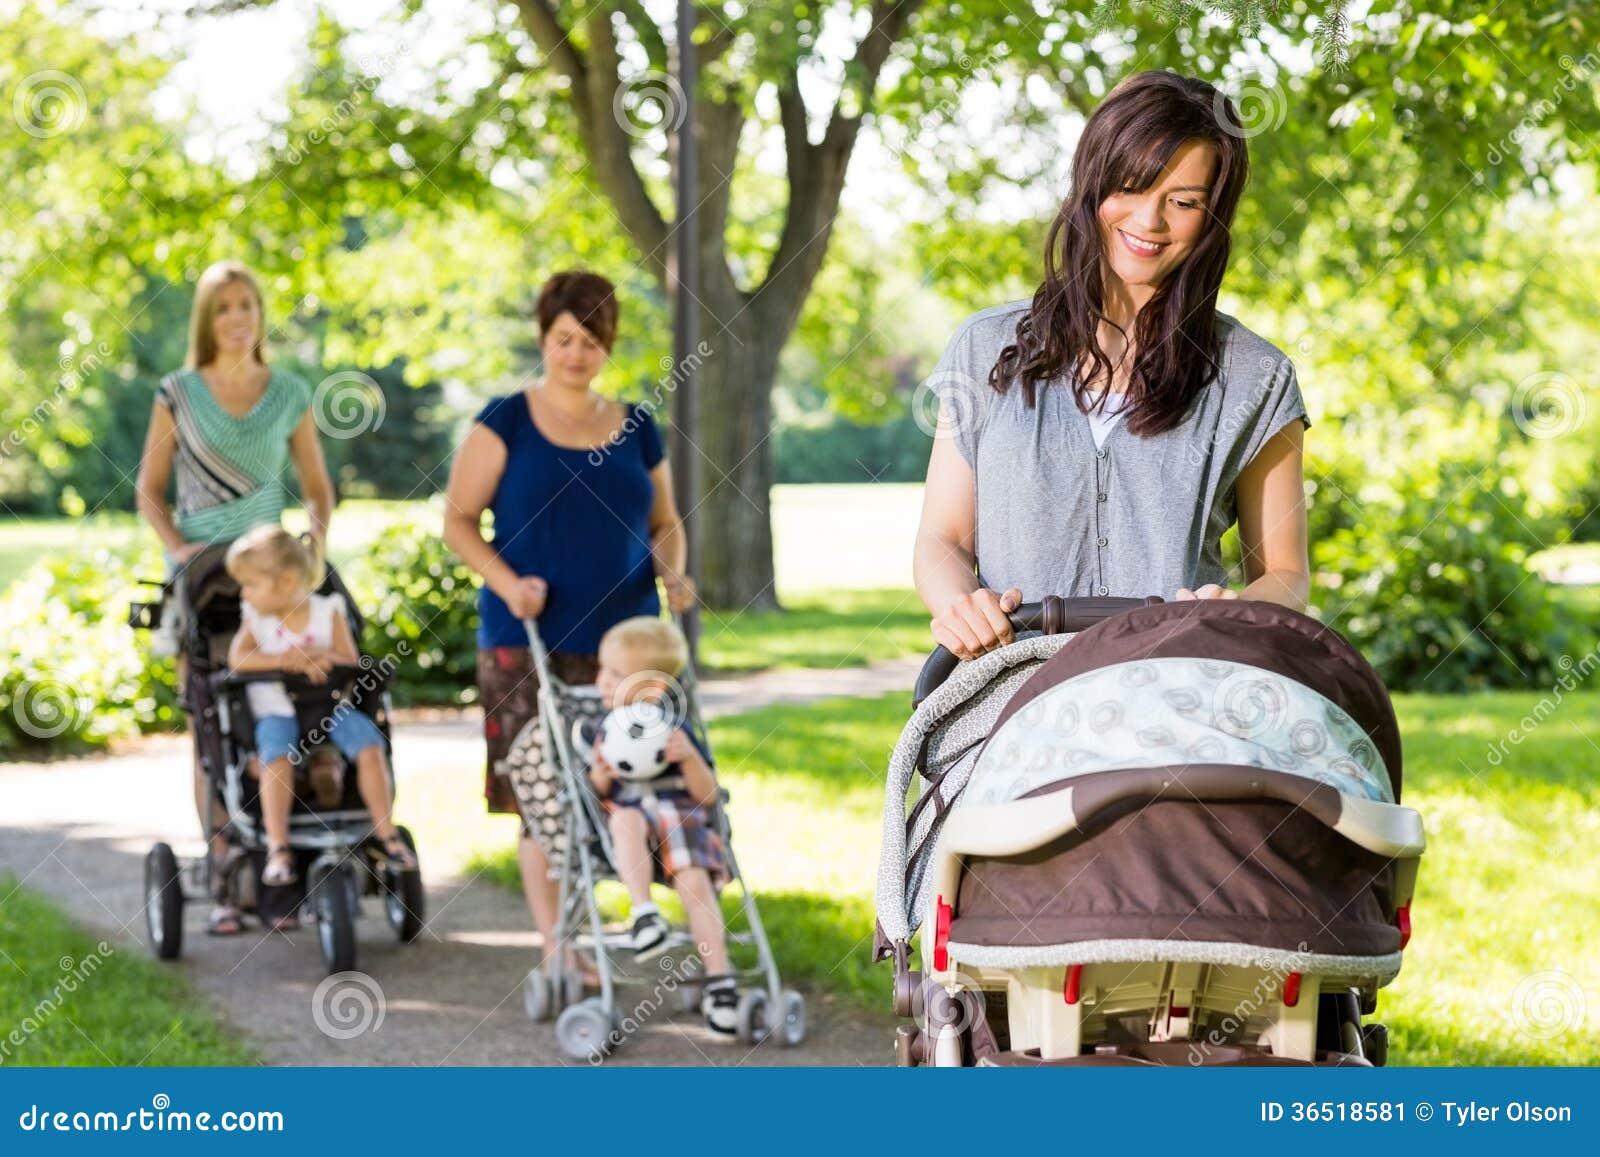 Mère regardant le bébé dans la poussette le parc